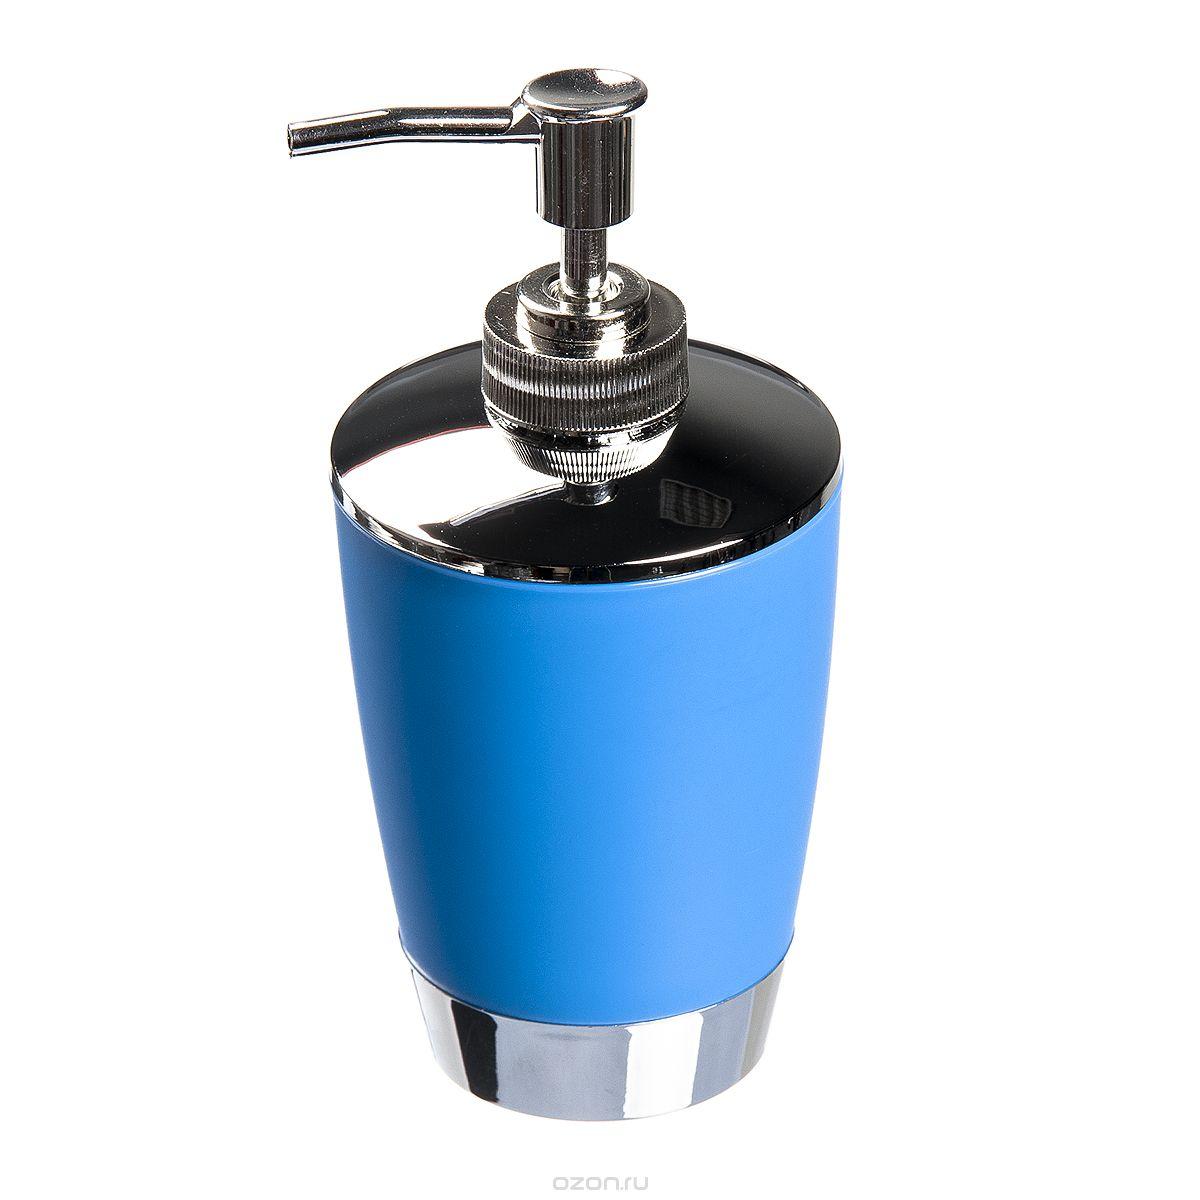 Диспенсер для жидкого мыла Fresh Code Настроение, цвет: голубой, 300 мл64922_голубойДиспенсер для жидкого мыла Fresh Code Настроение изготовлен из высокопрочного полипропилена с нескользящим покрытием. Изделие выполнено в строгой классической форме и дополнено элементами цвета металлик. Диспенсер для мыла очень удобен в использовании: просто надавите сверху, и из диспенсера выльется необходимое количество мыла. Диспенсер для жидкого мыла Fresh Code Настроение стильно украсит интерьер, а также добавит в обычную обстановку яркие и модные акценты.